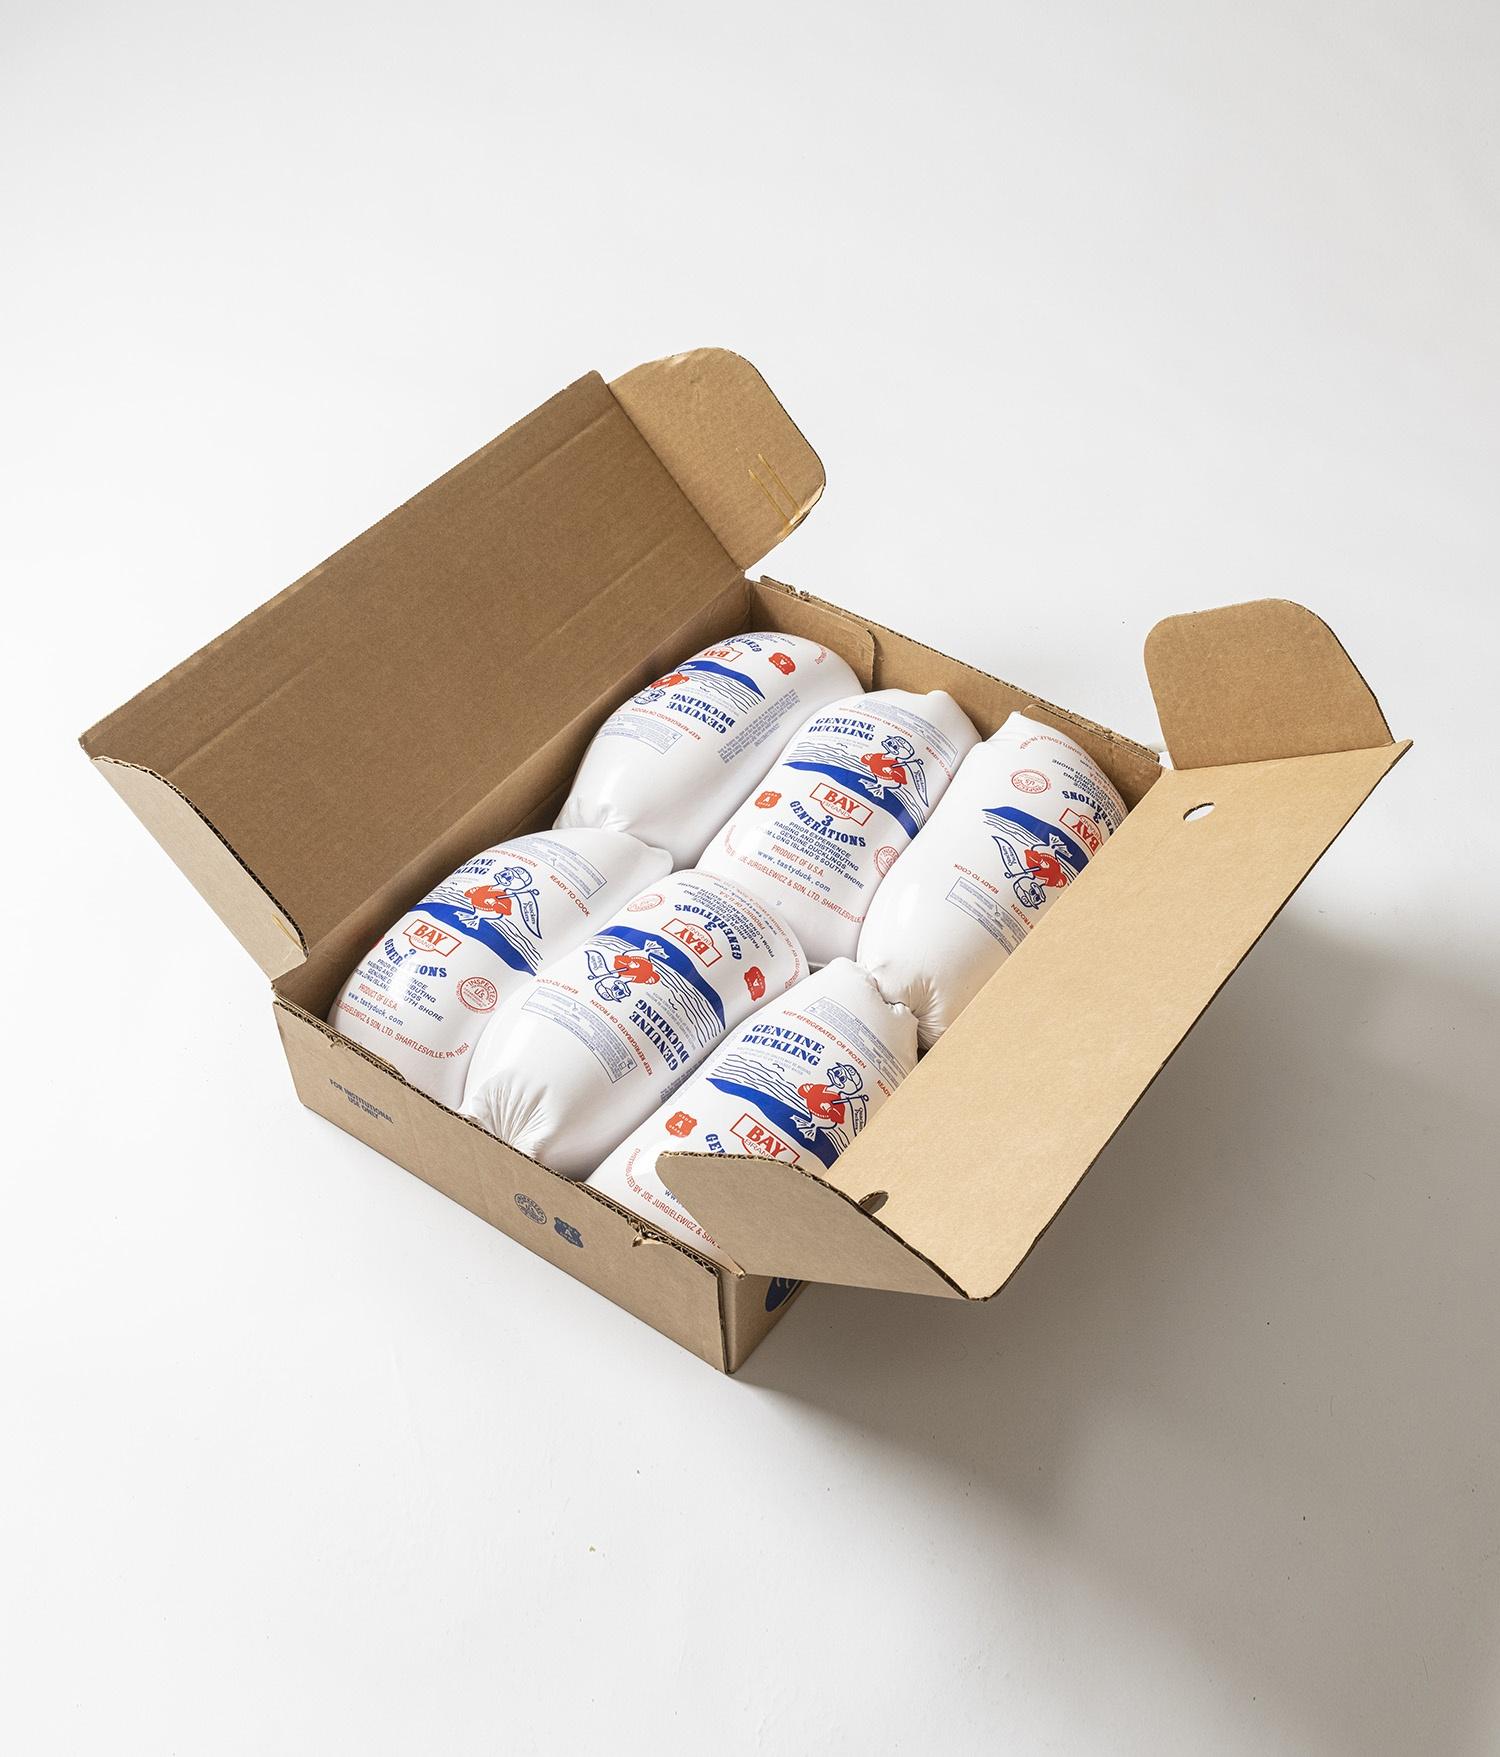 Box of Bay Brand Ducks